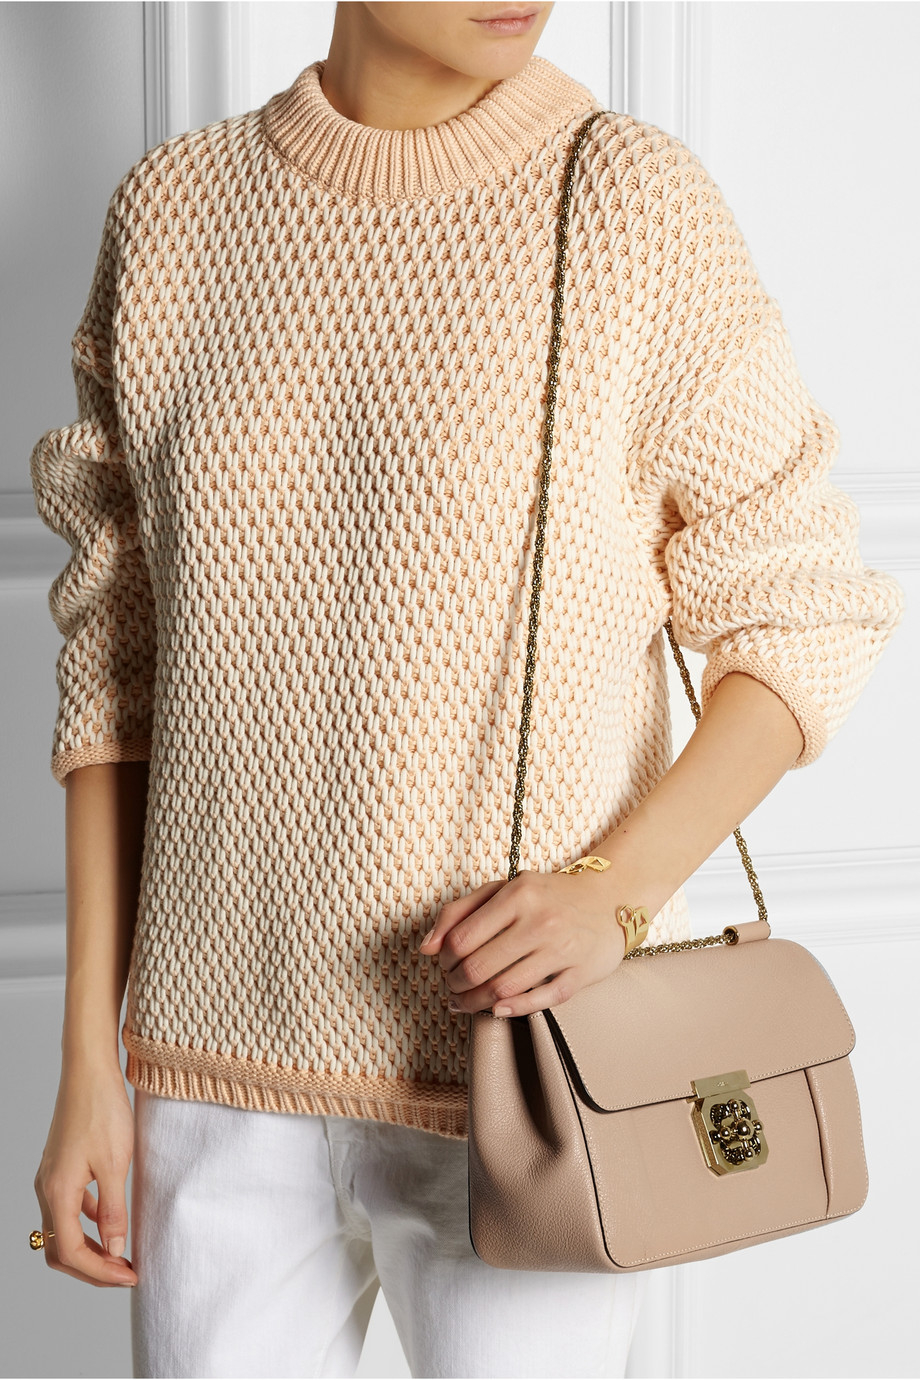 f9d42929d11c7 Chloé Elsie Medium Textured-Leather Shoulder Bag in Natural - Lyst